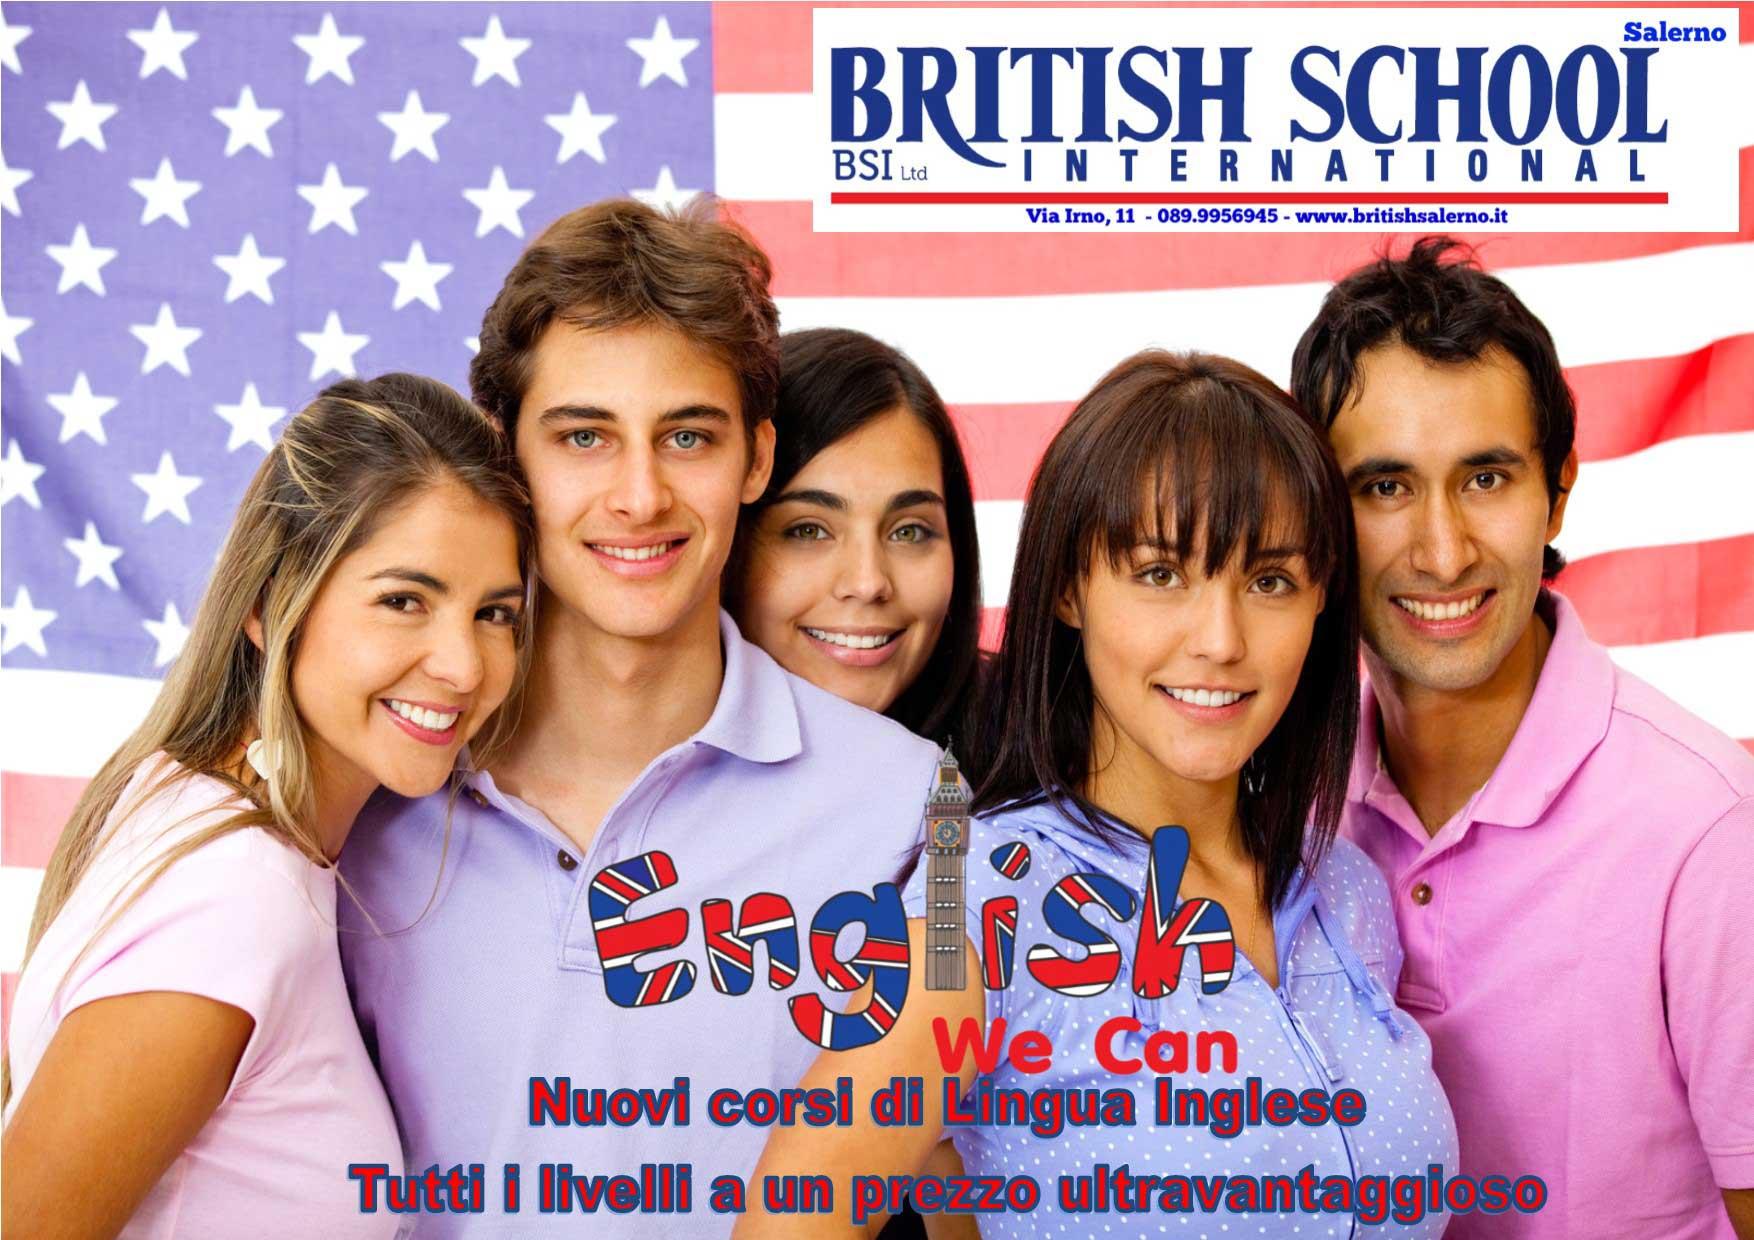 corso di inglese a salerno